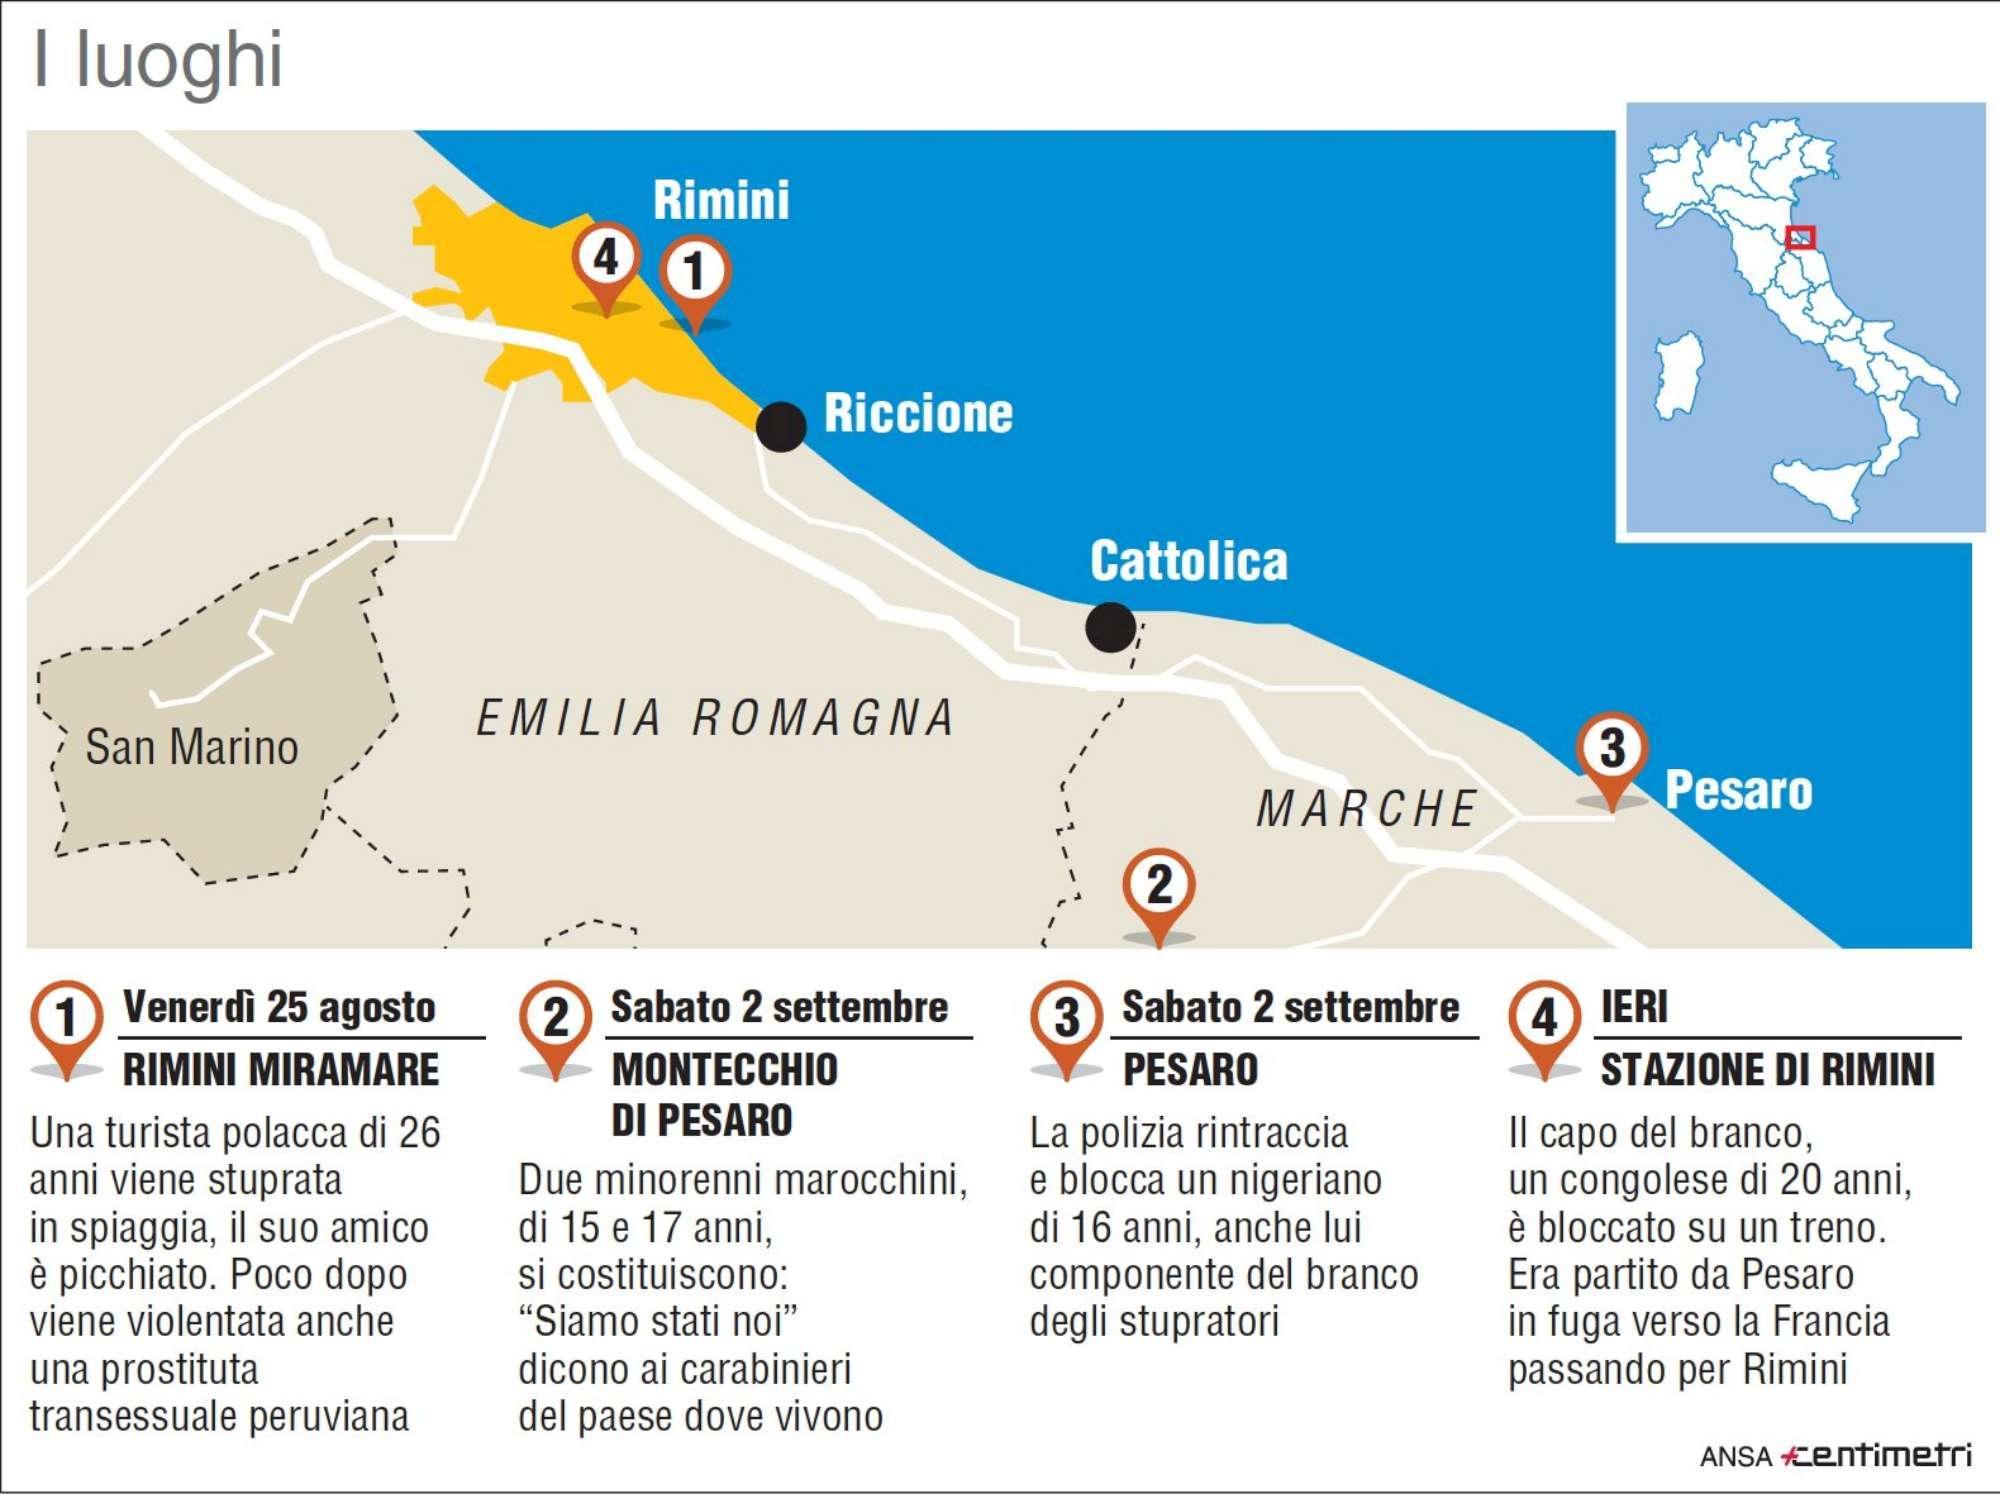 Stupri Rimini, la mappa della fuga del branco